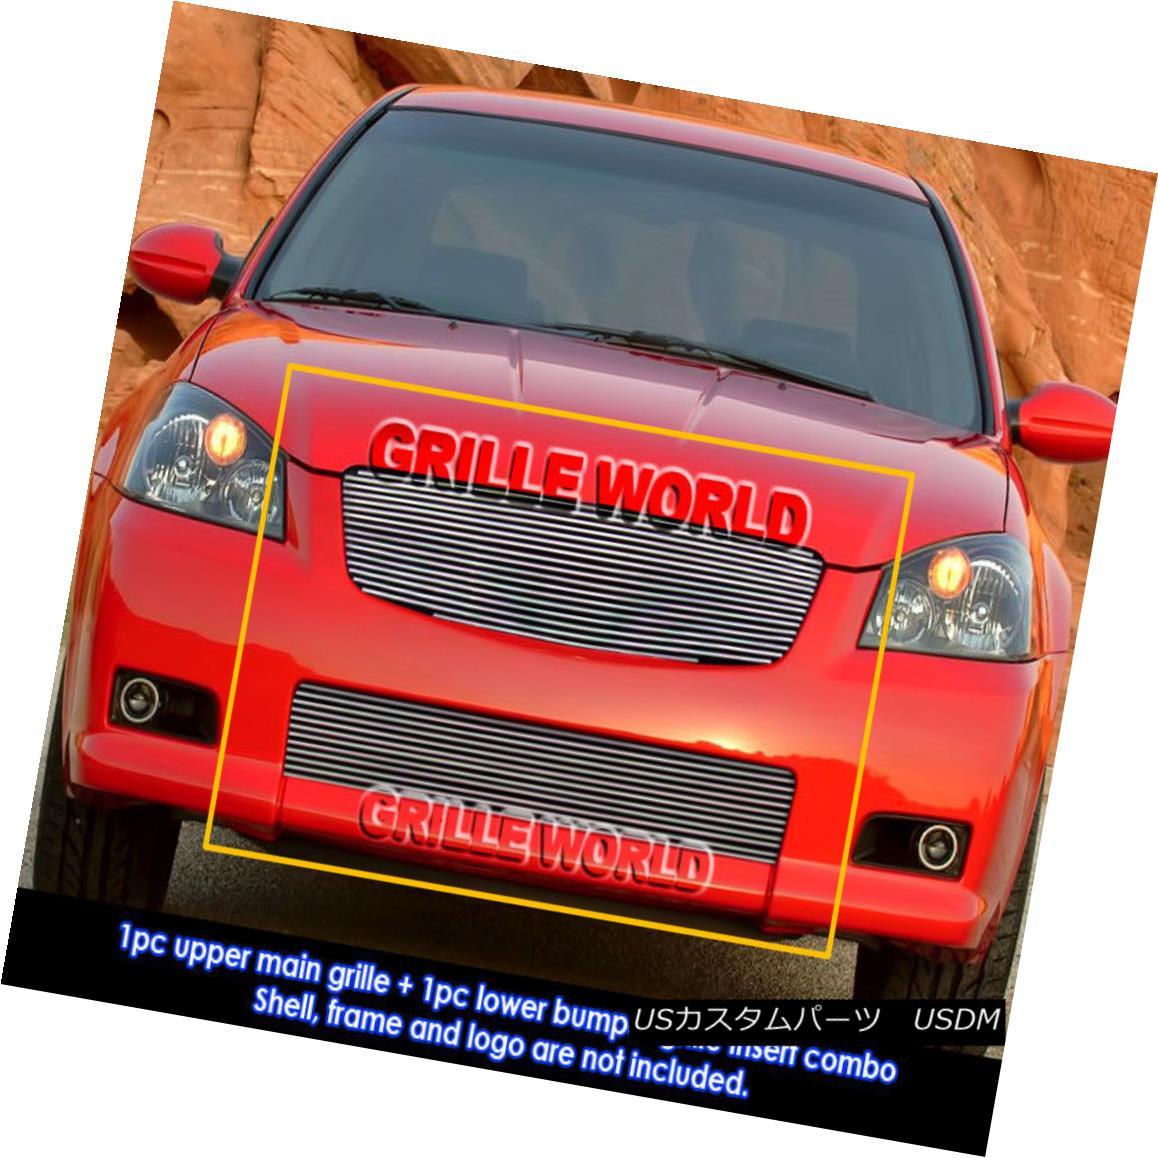 グリル For 05-06 Nissan Altima SER Billet Grille Grill Combo Insert 05-06日産アルティマSE Rビレットグリルグリルコンボインサート